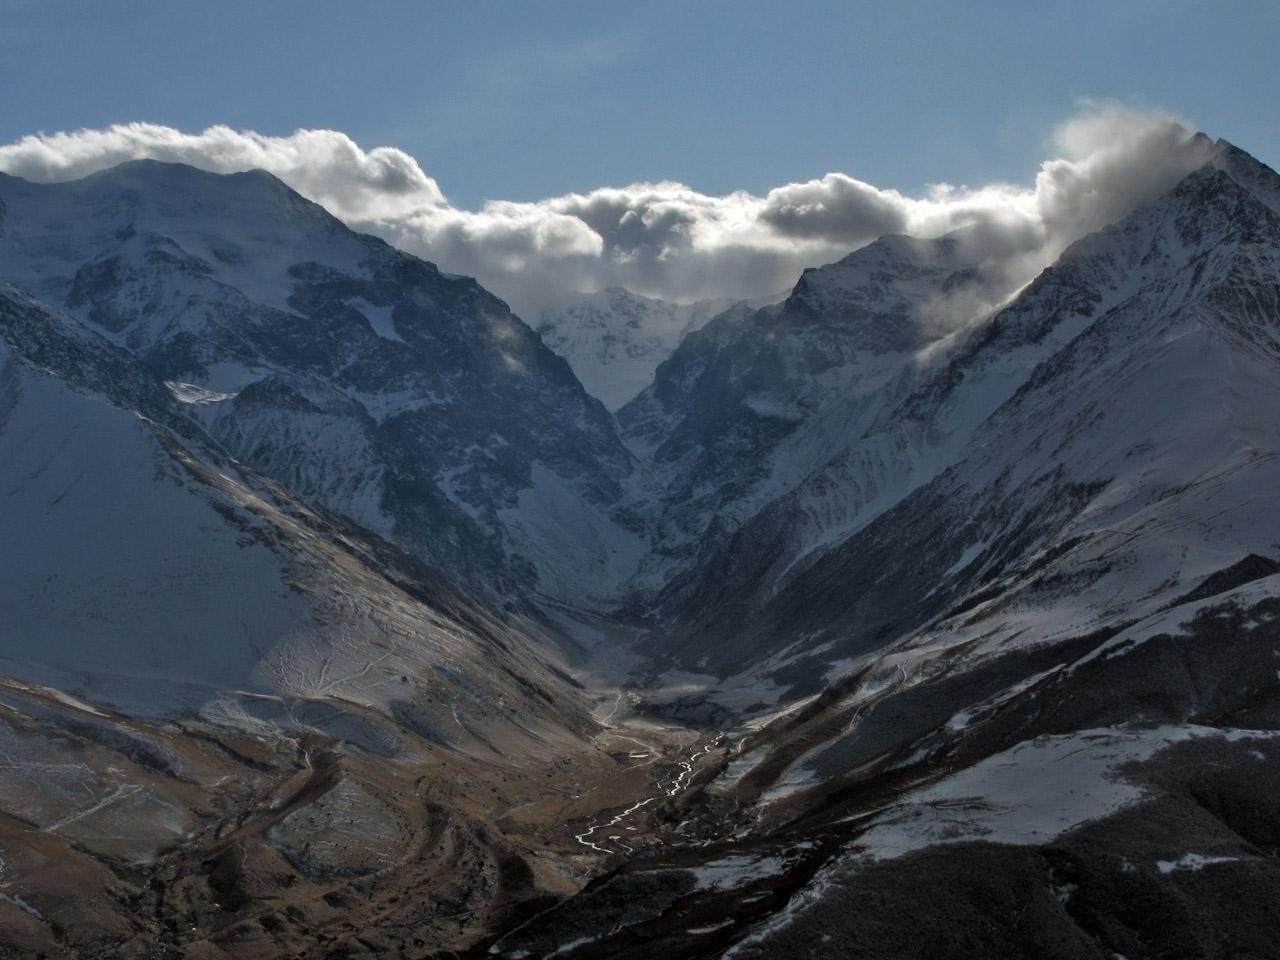 Ледник Колка неминуемо сойдет — ученые